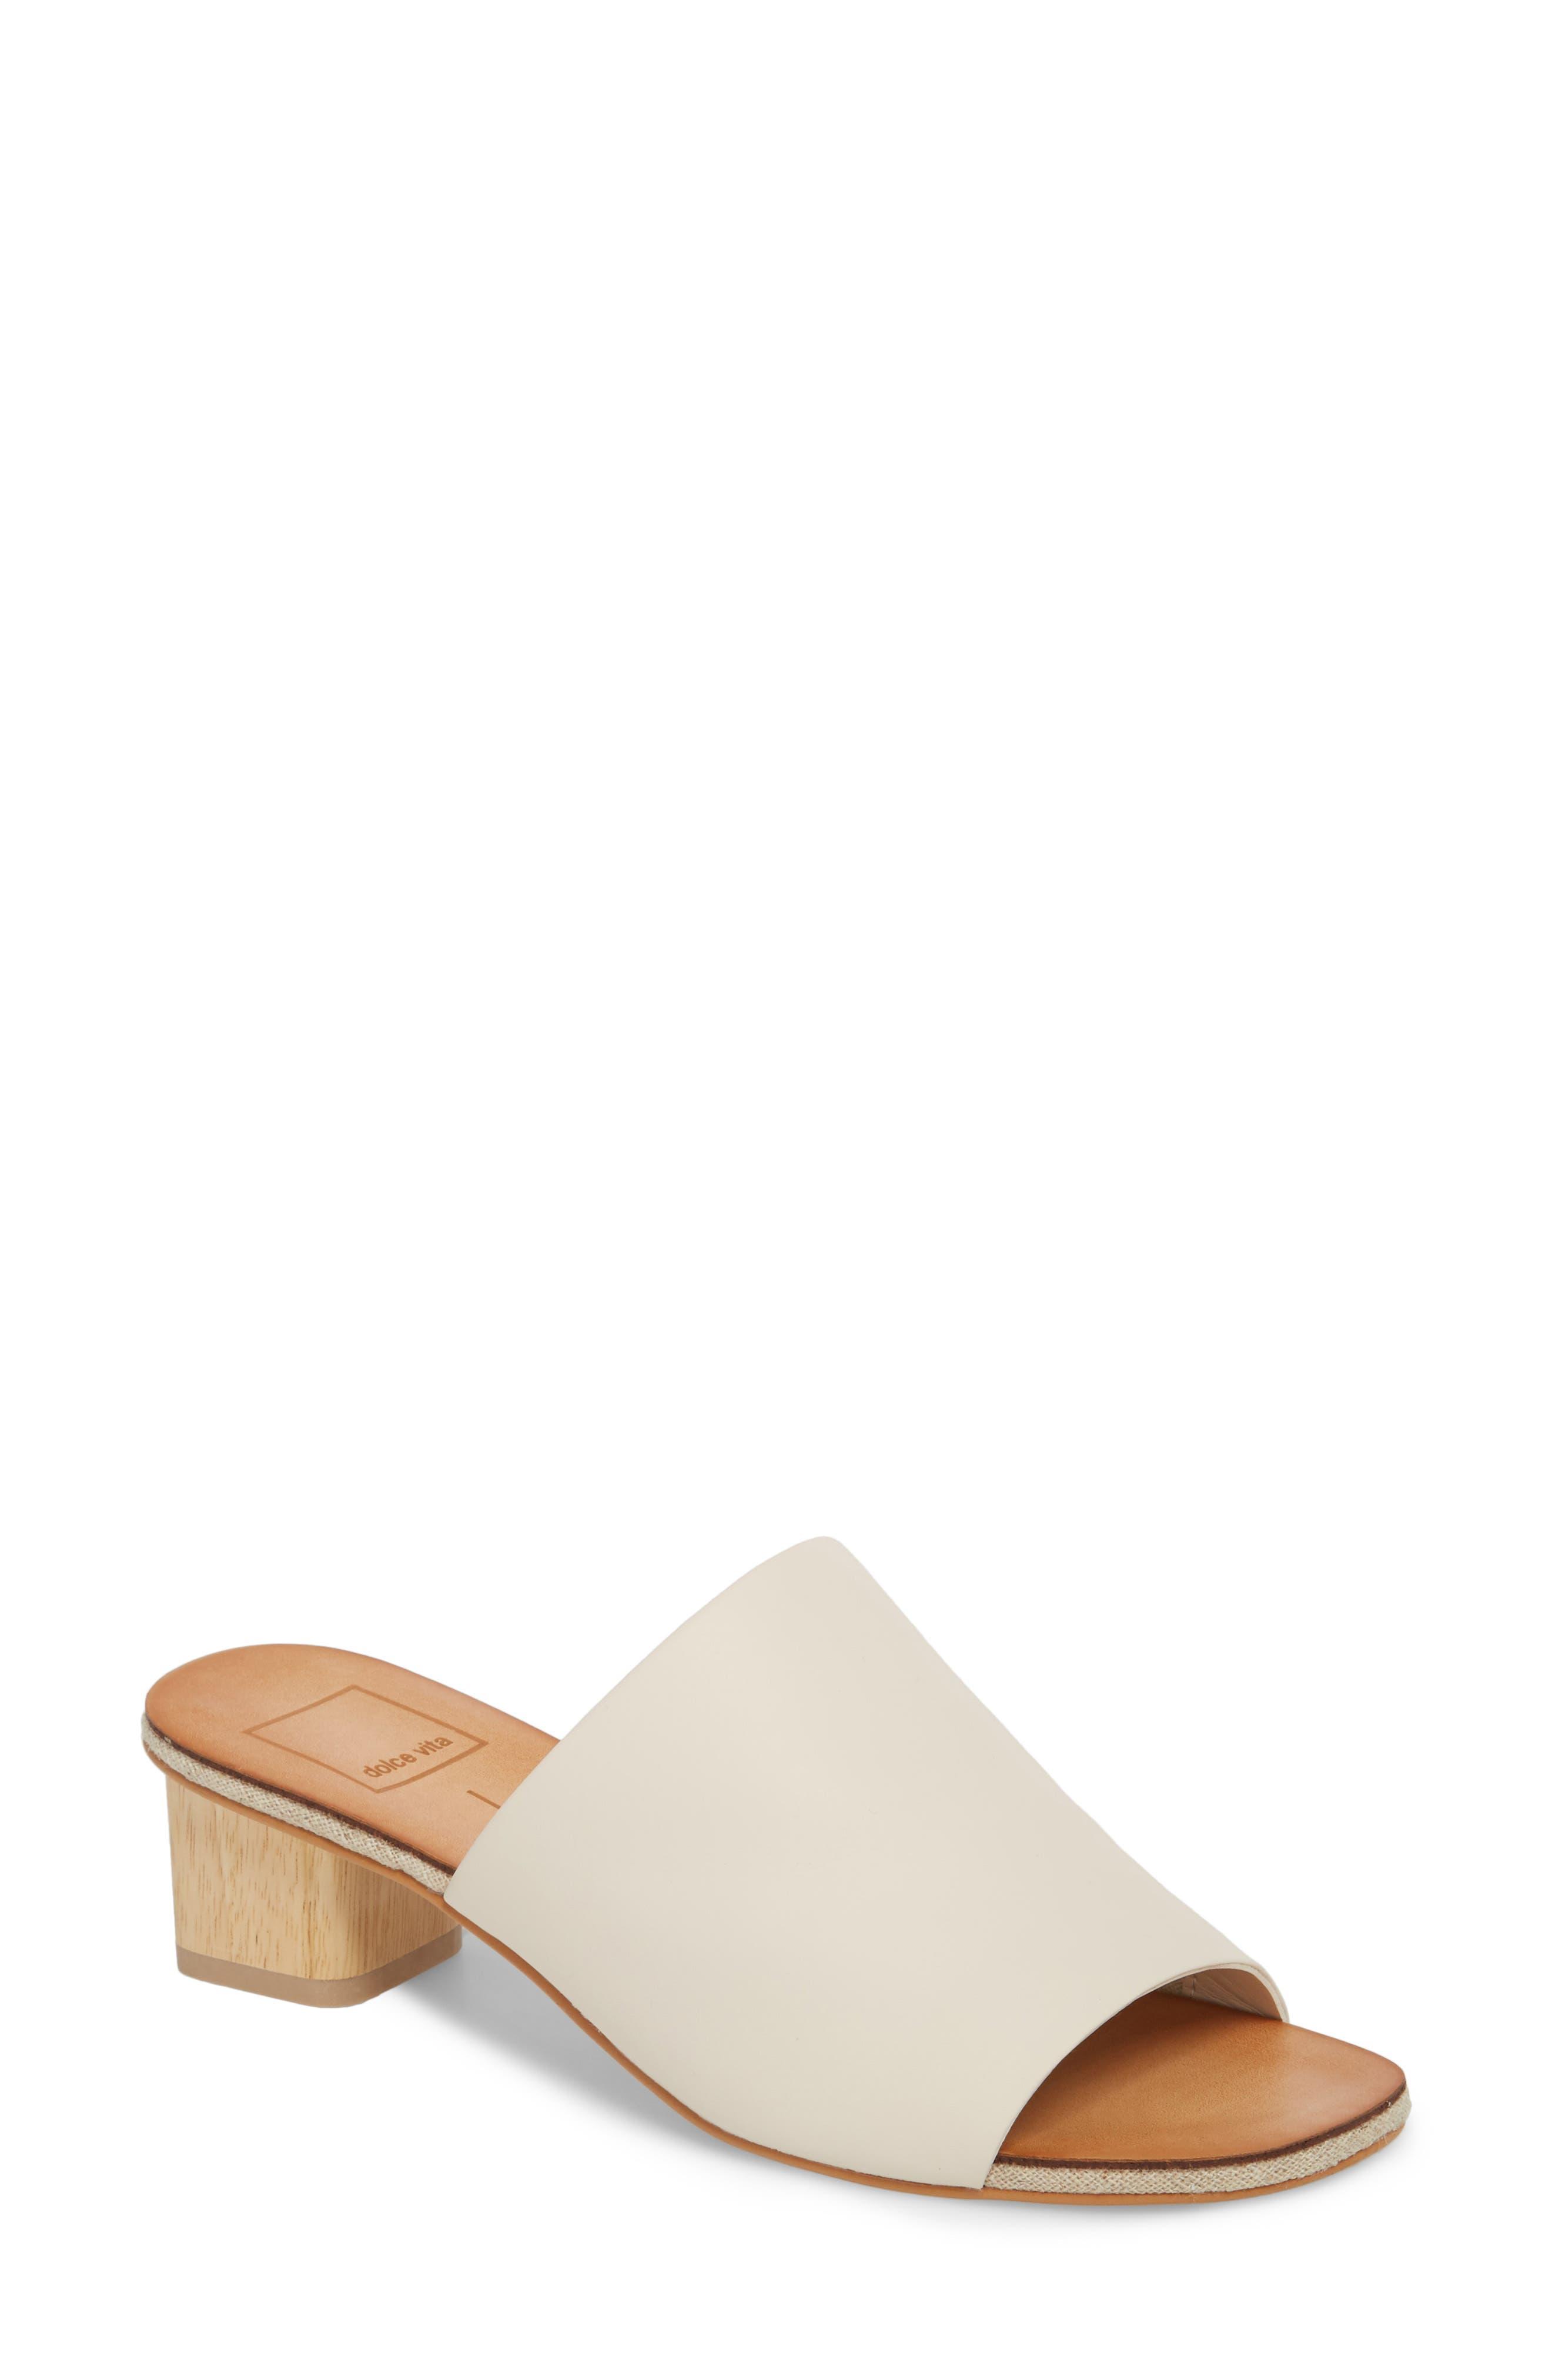 Dolce Vita Kaira Slide Sandal (Women)